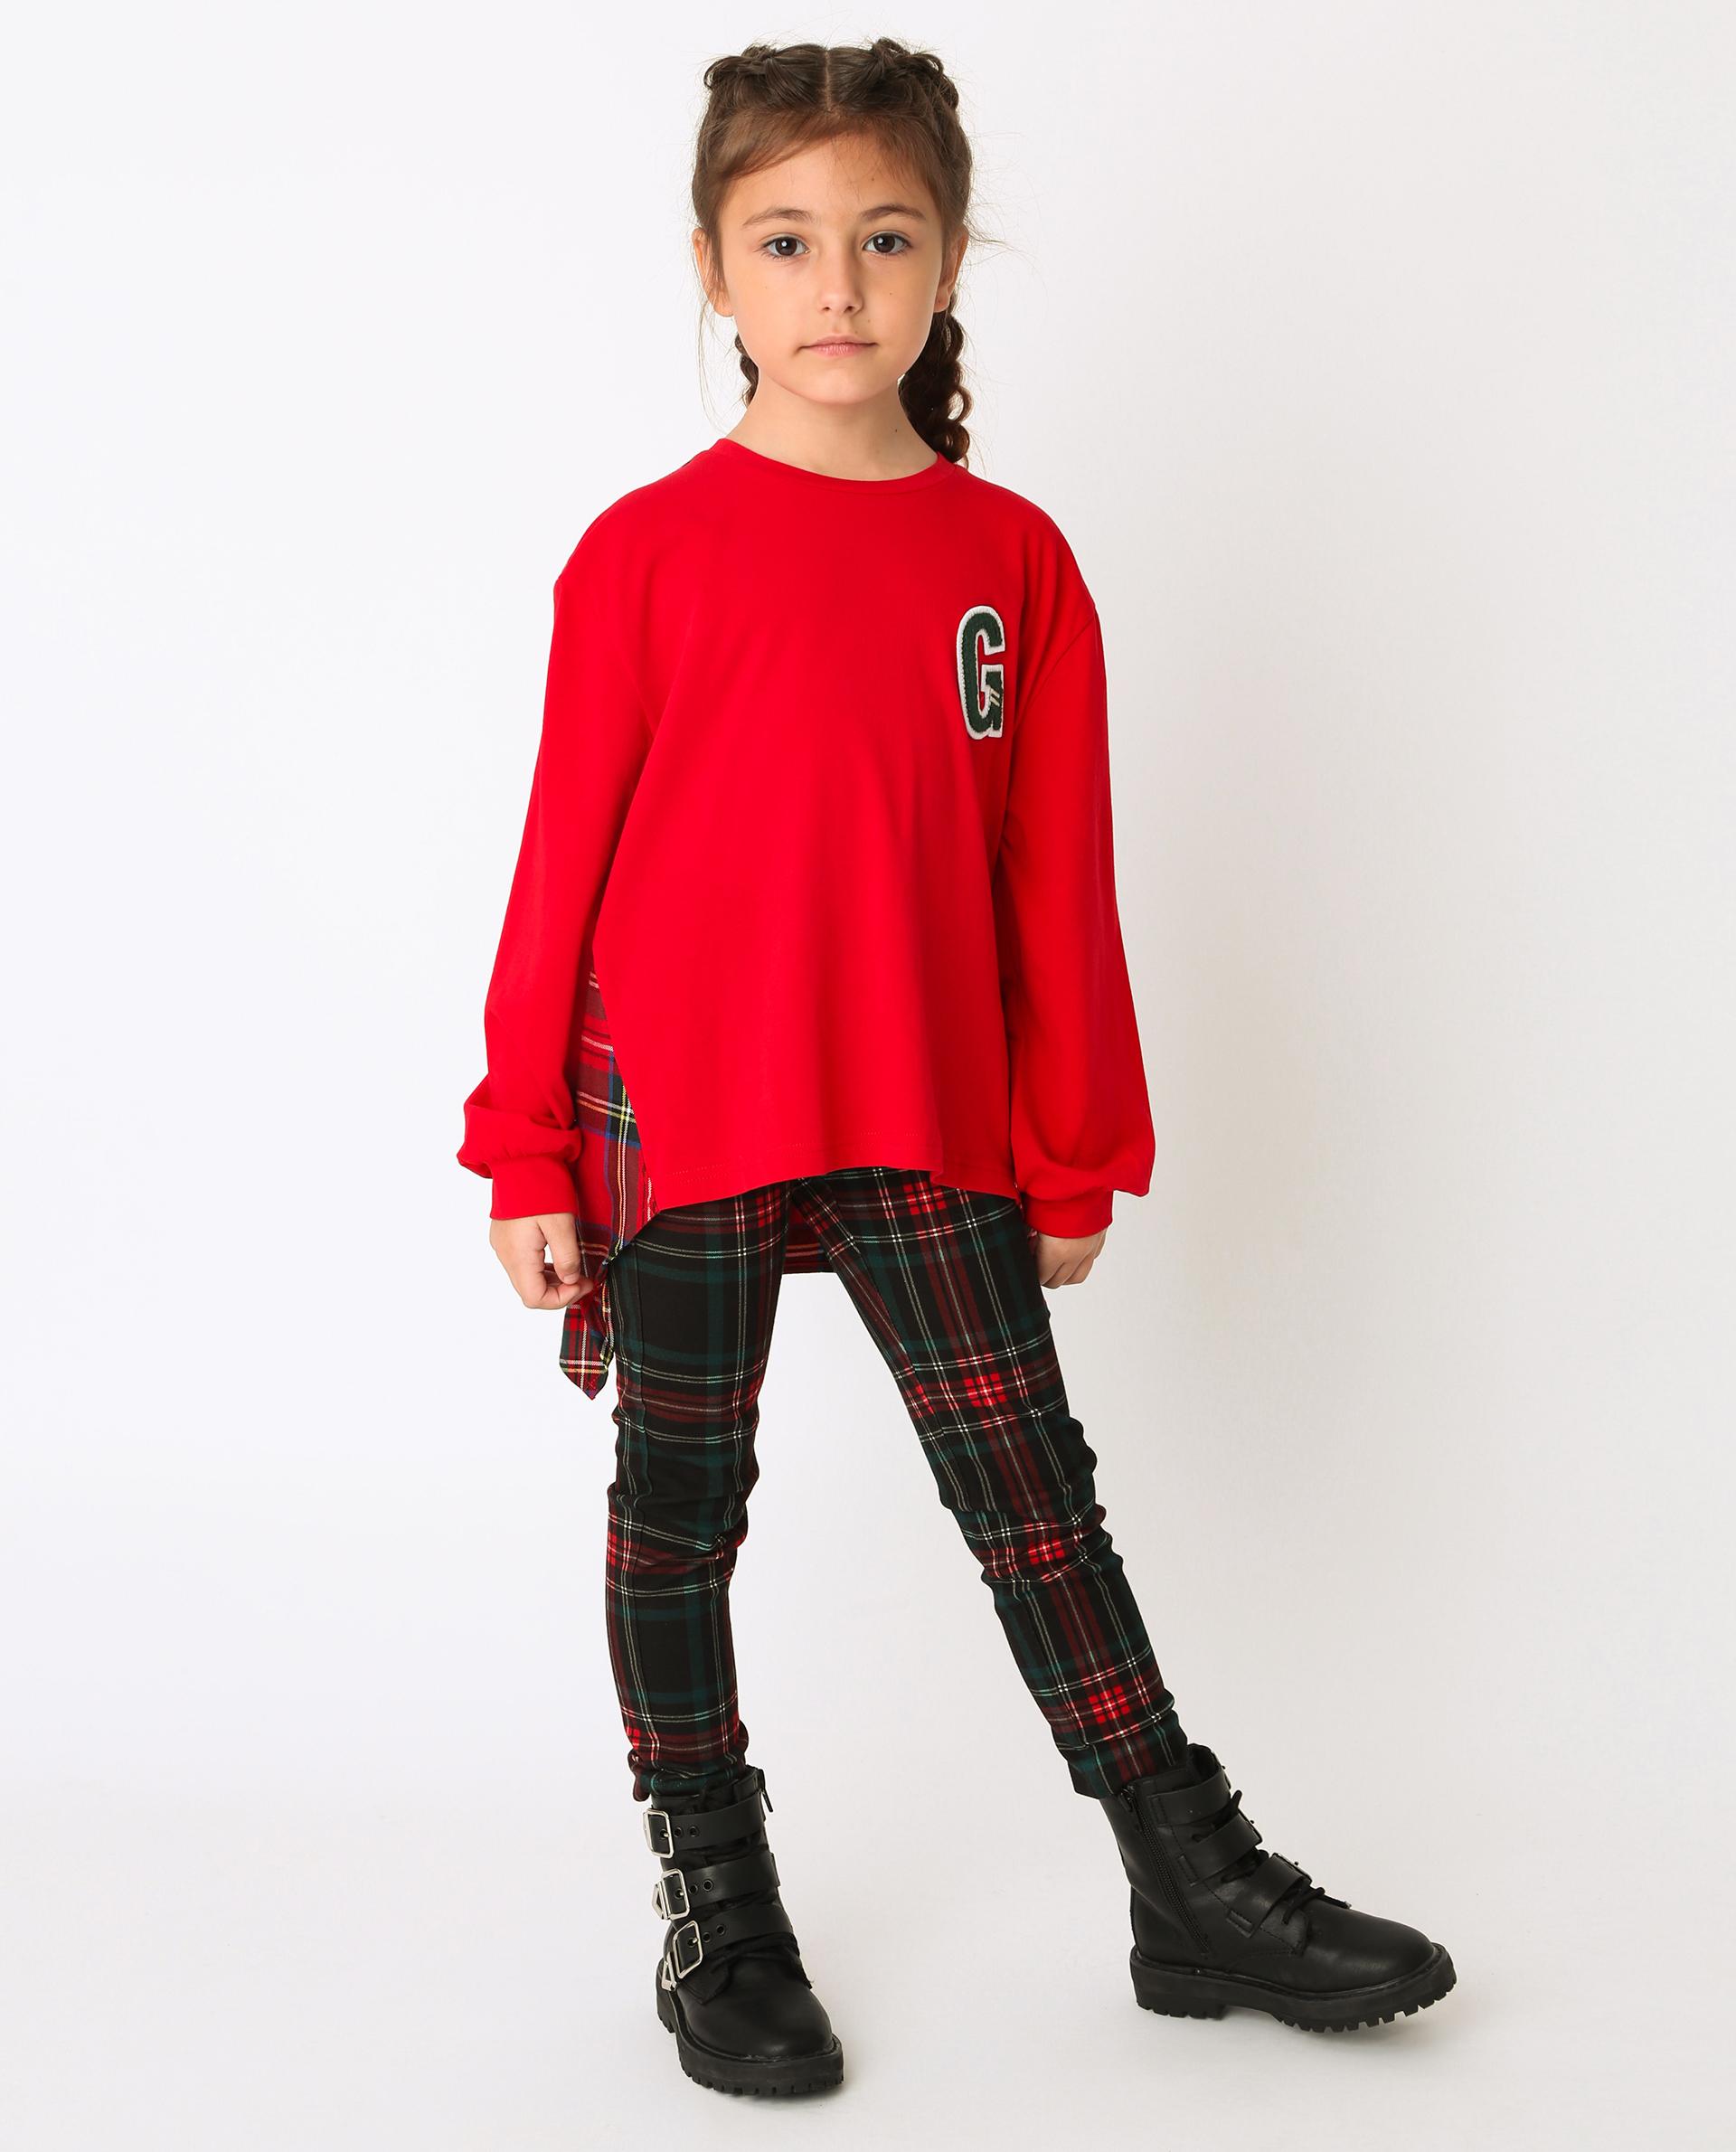 Купить 22002GMC1202, Красная футболка с длинным рукавом Gulliver, красный, 110, Хлопок, Женский, Зима, ОСЕНЬ/ЗИМА 2020-2021 (shop: GulliverMarket Gulliver Market)